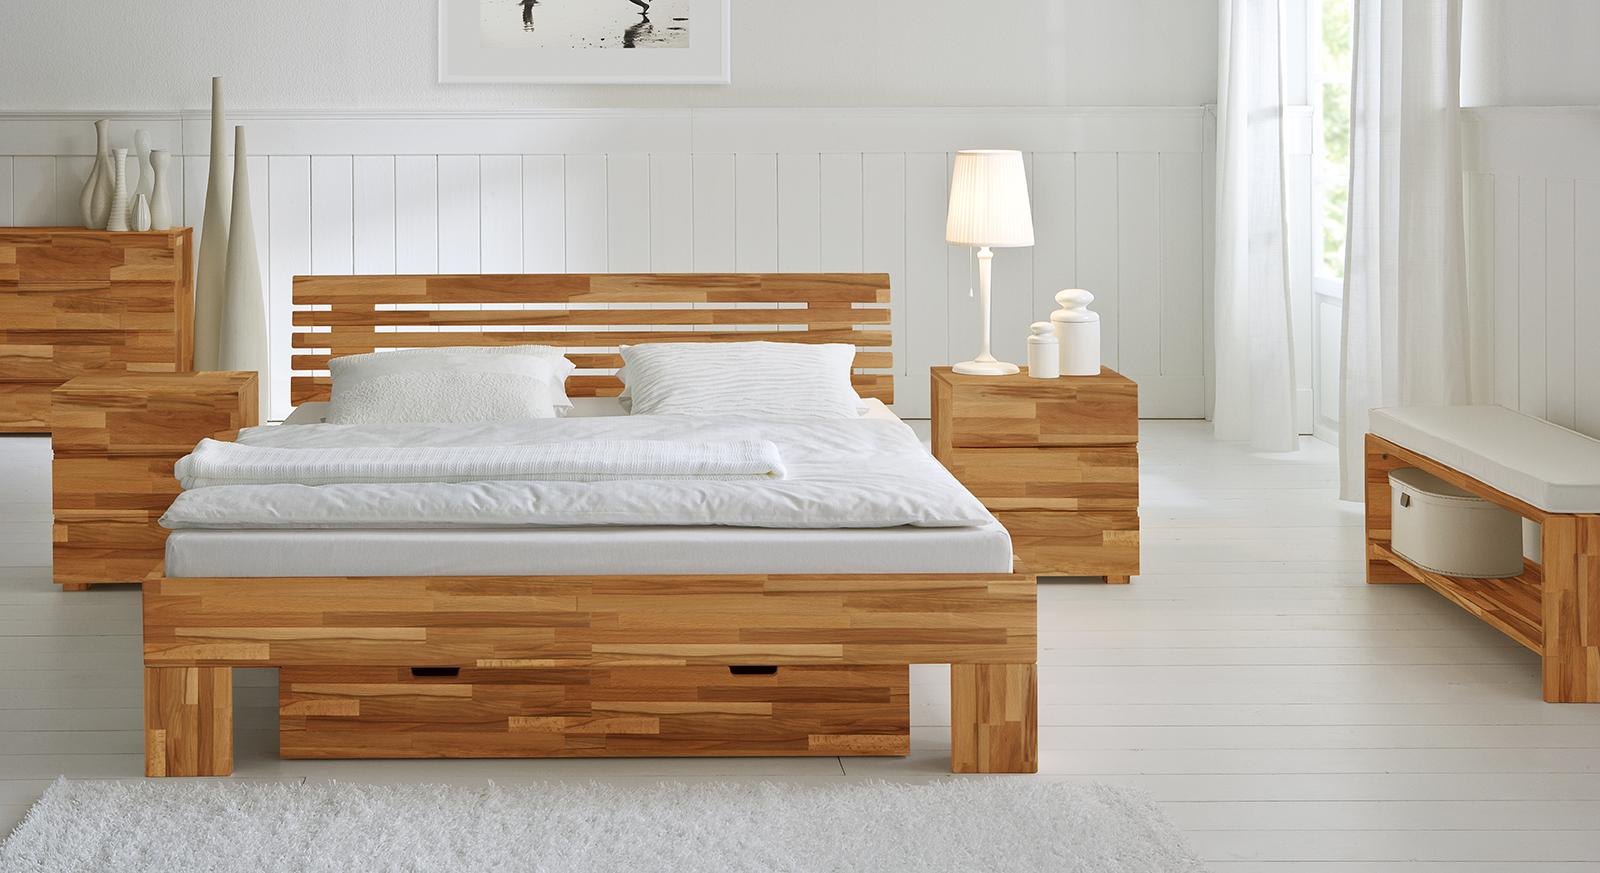 Bett White Romance aus Kernbuchen Holz